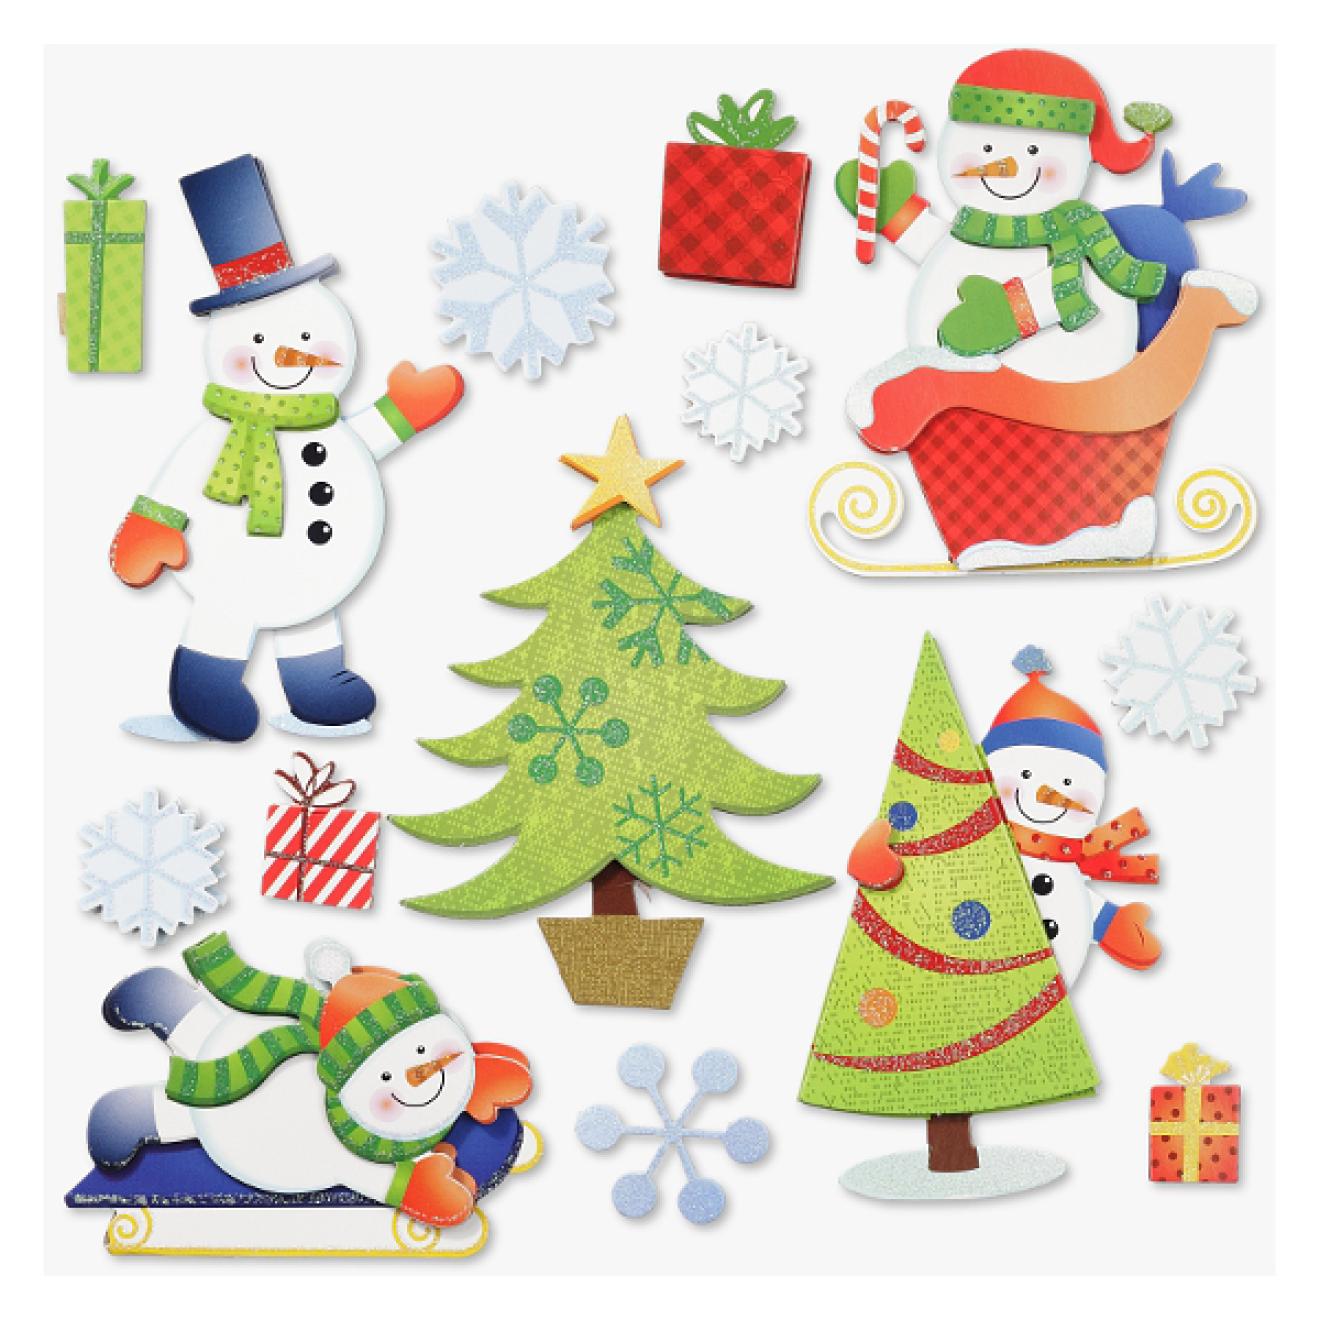 Sticker 3d Xxl Weihnachten Schneemann Design 1